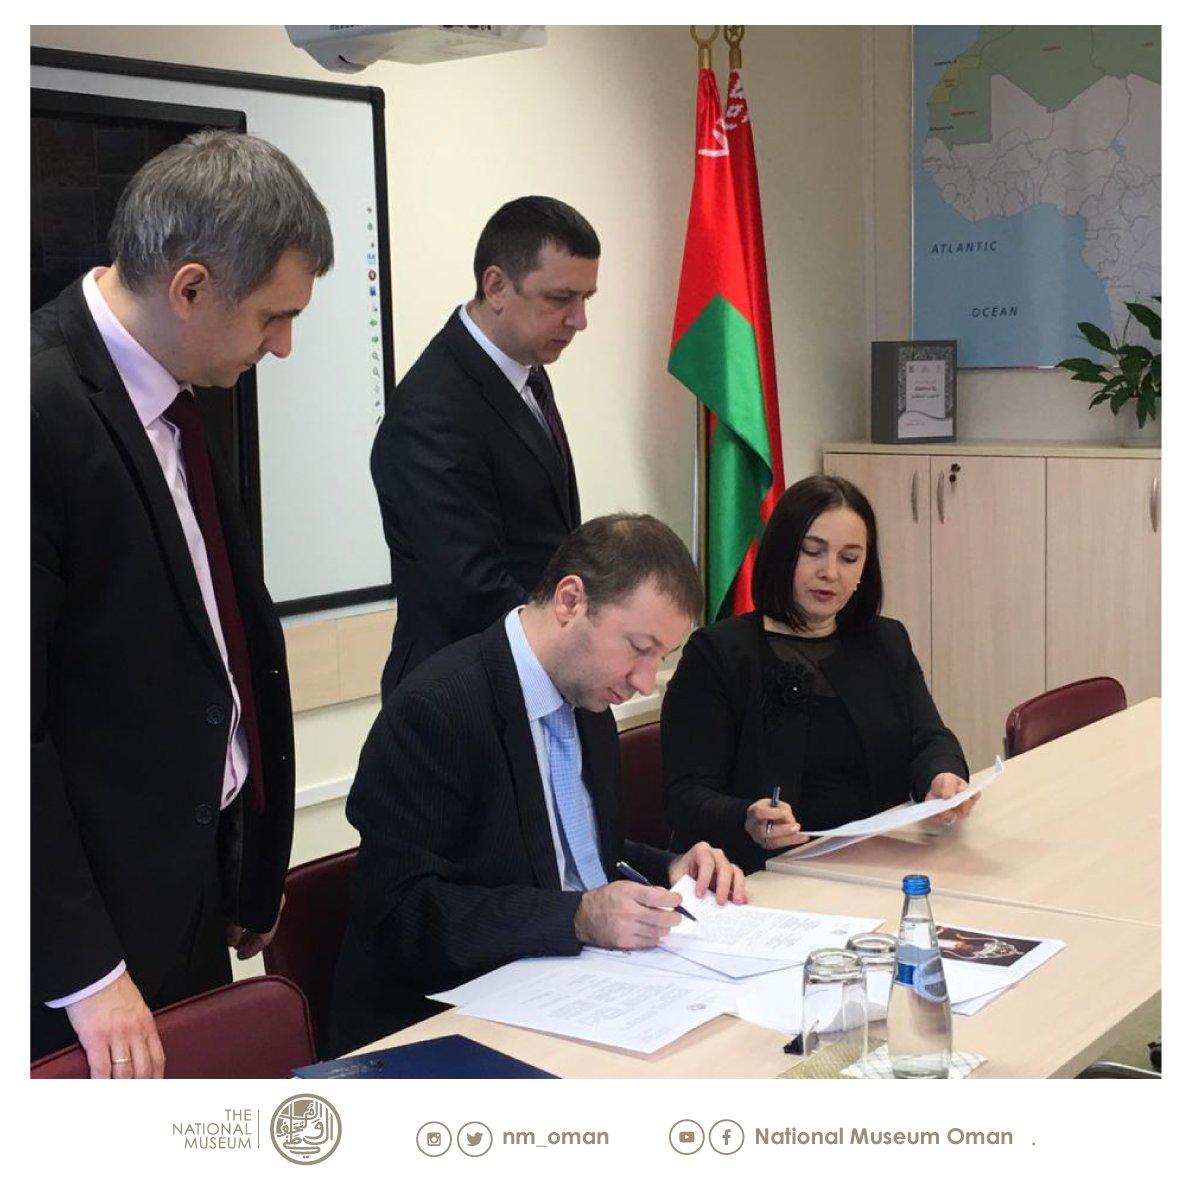 إتفاقية بين المتحف الوطني وجامعة بيلاروس لتدريب الطلبة